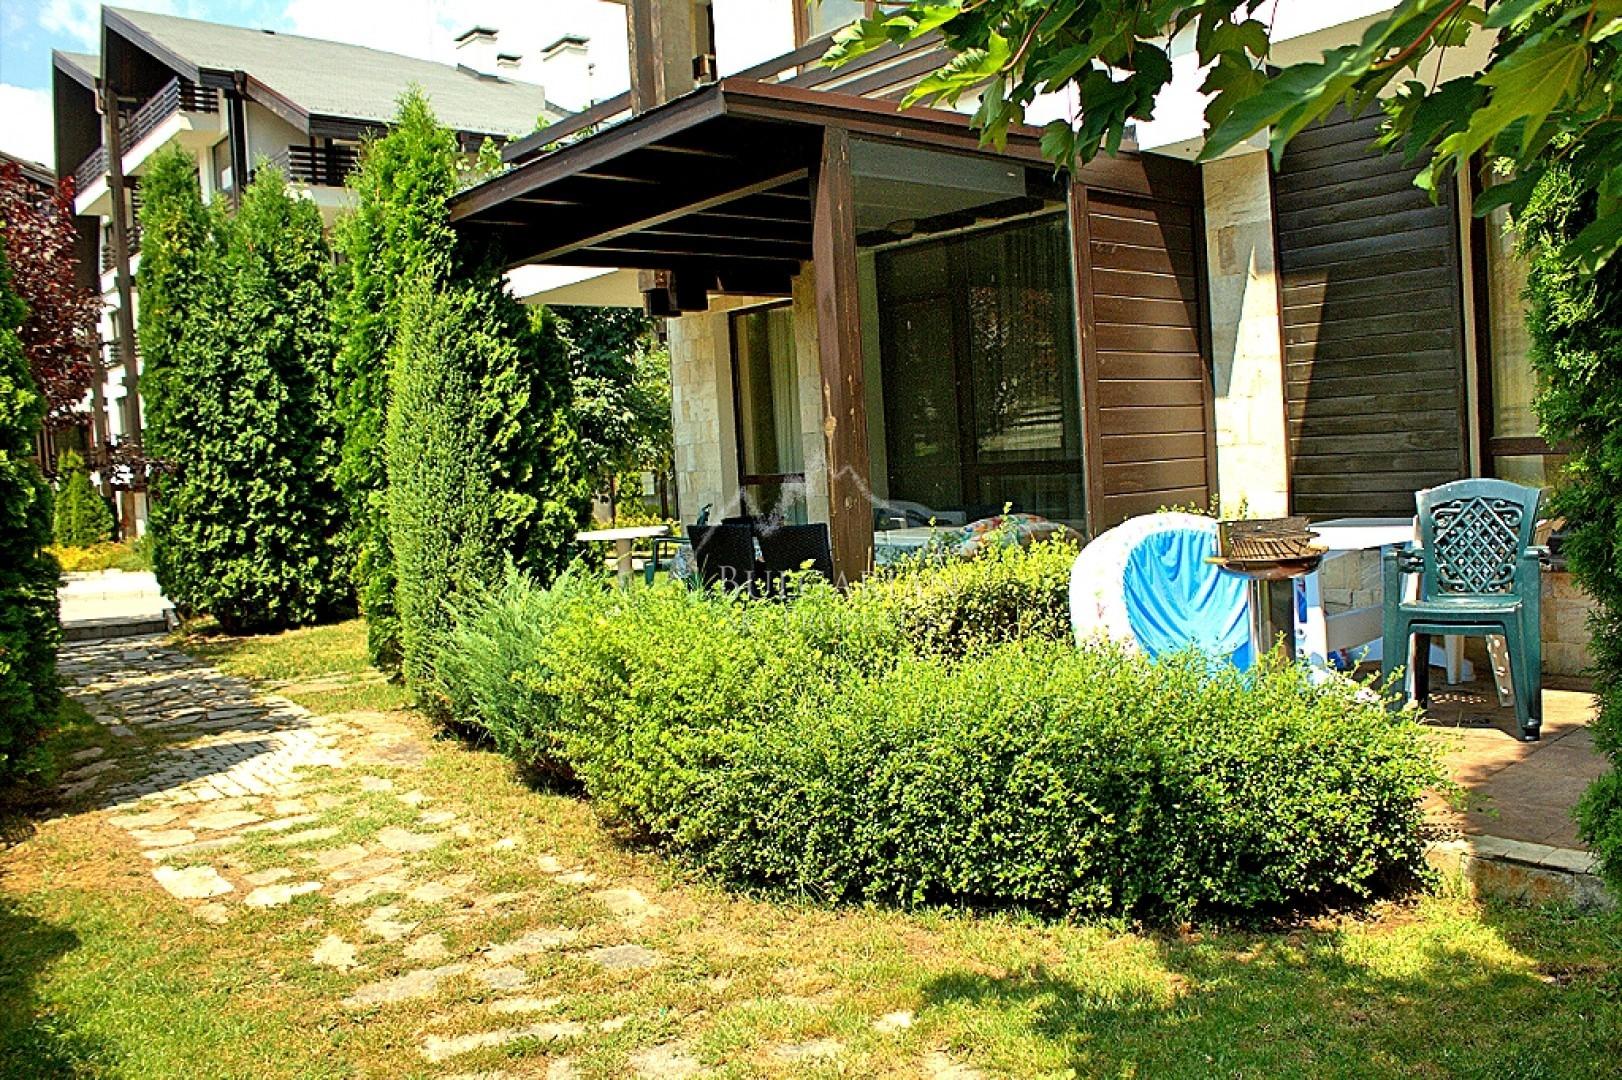 Aspen Suites, Bansko: furnished studio for sale in gated complex